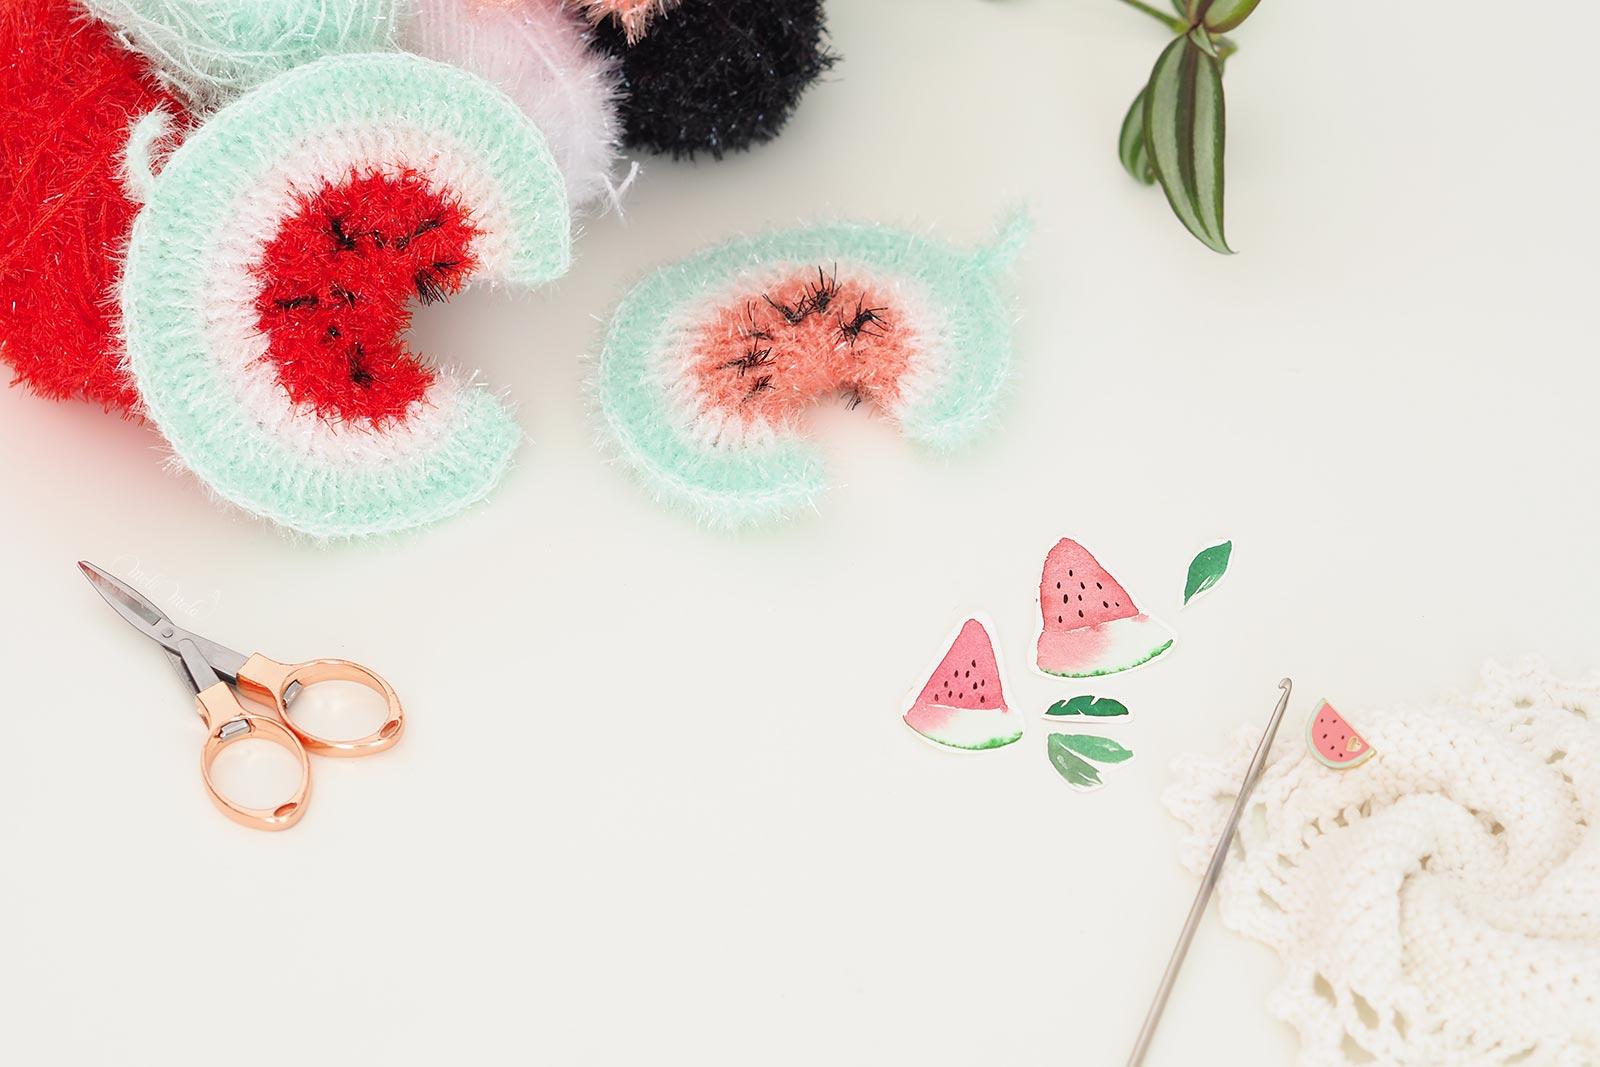 tawashi esponja sandia éponge pastèque scrubber watermelon crochet kit DIY laboutiquedemelimelo